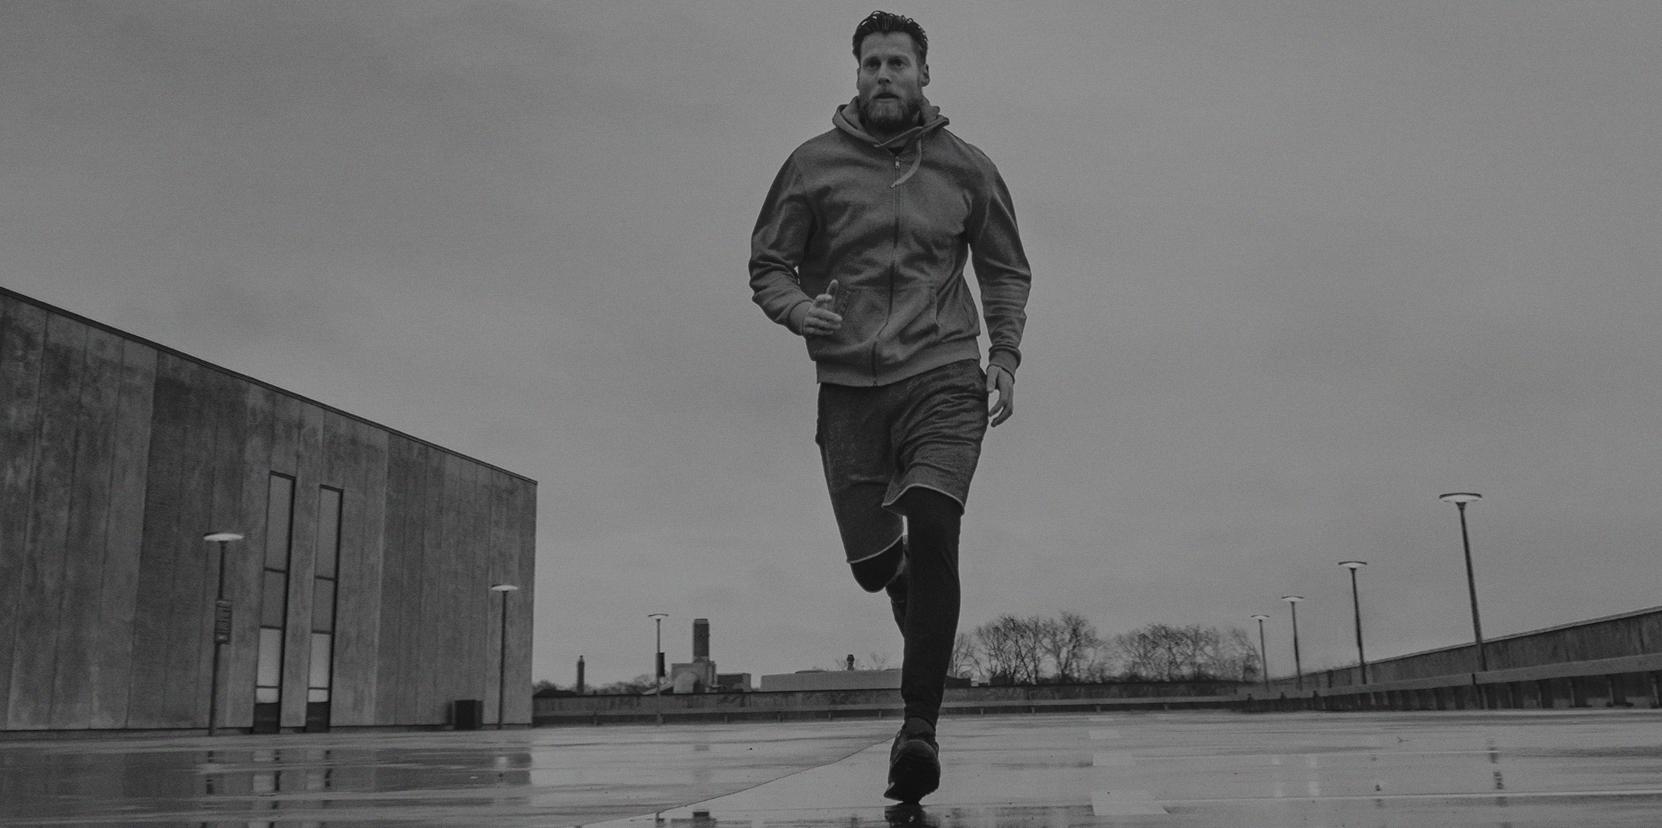 03-Motivatr-running.jpg